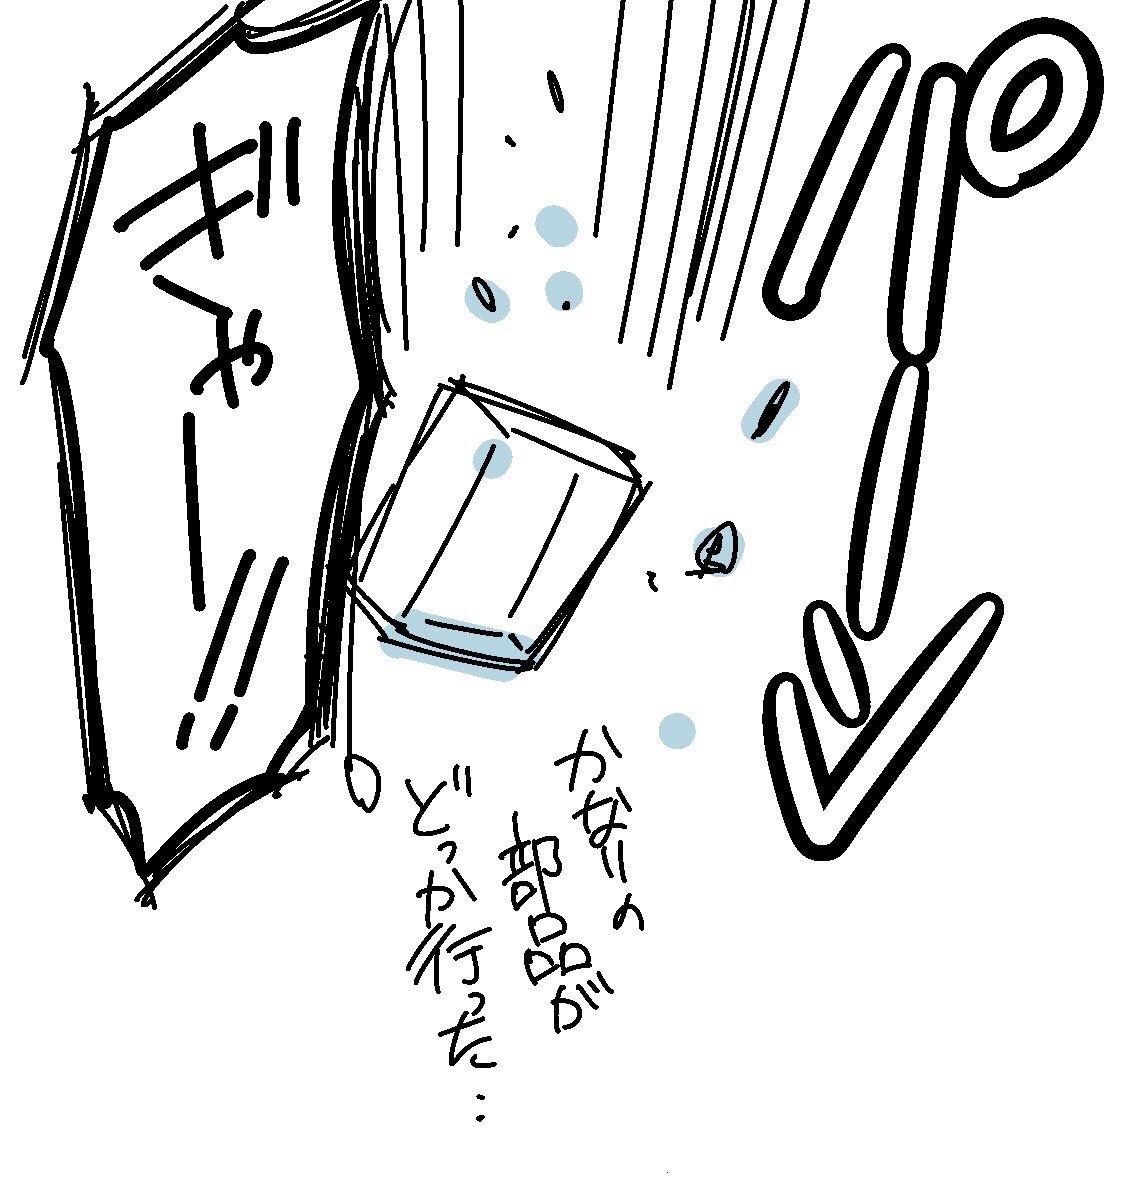 井上純一(希有馬) - Twitter